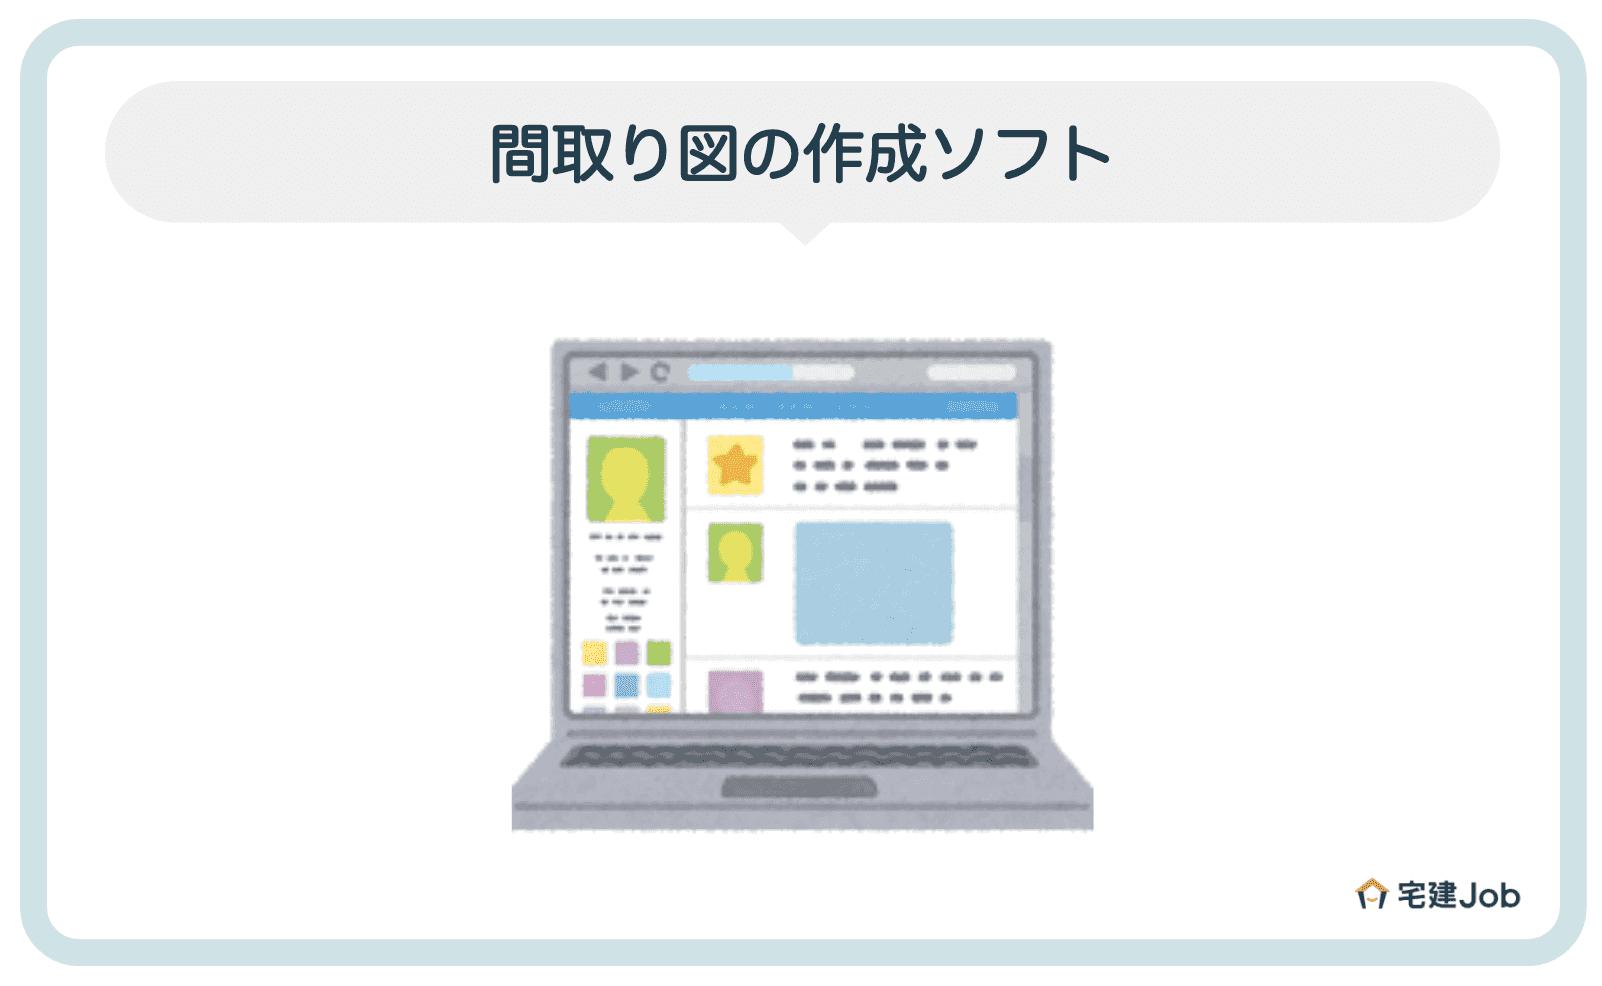 2.おすすめの間取り図作成ツール【ソフト】